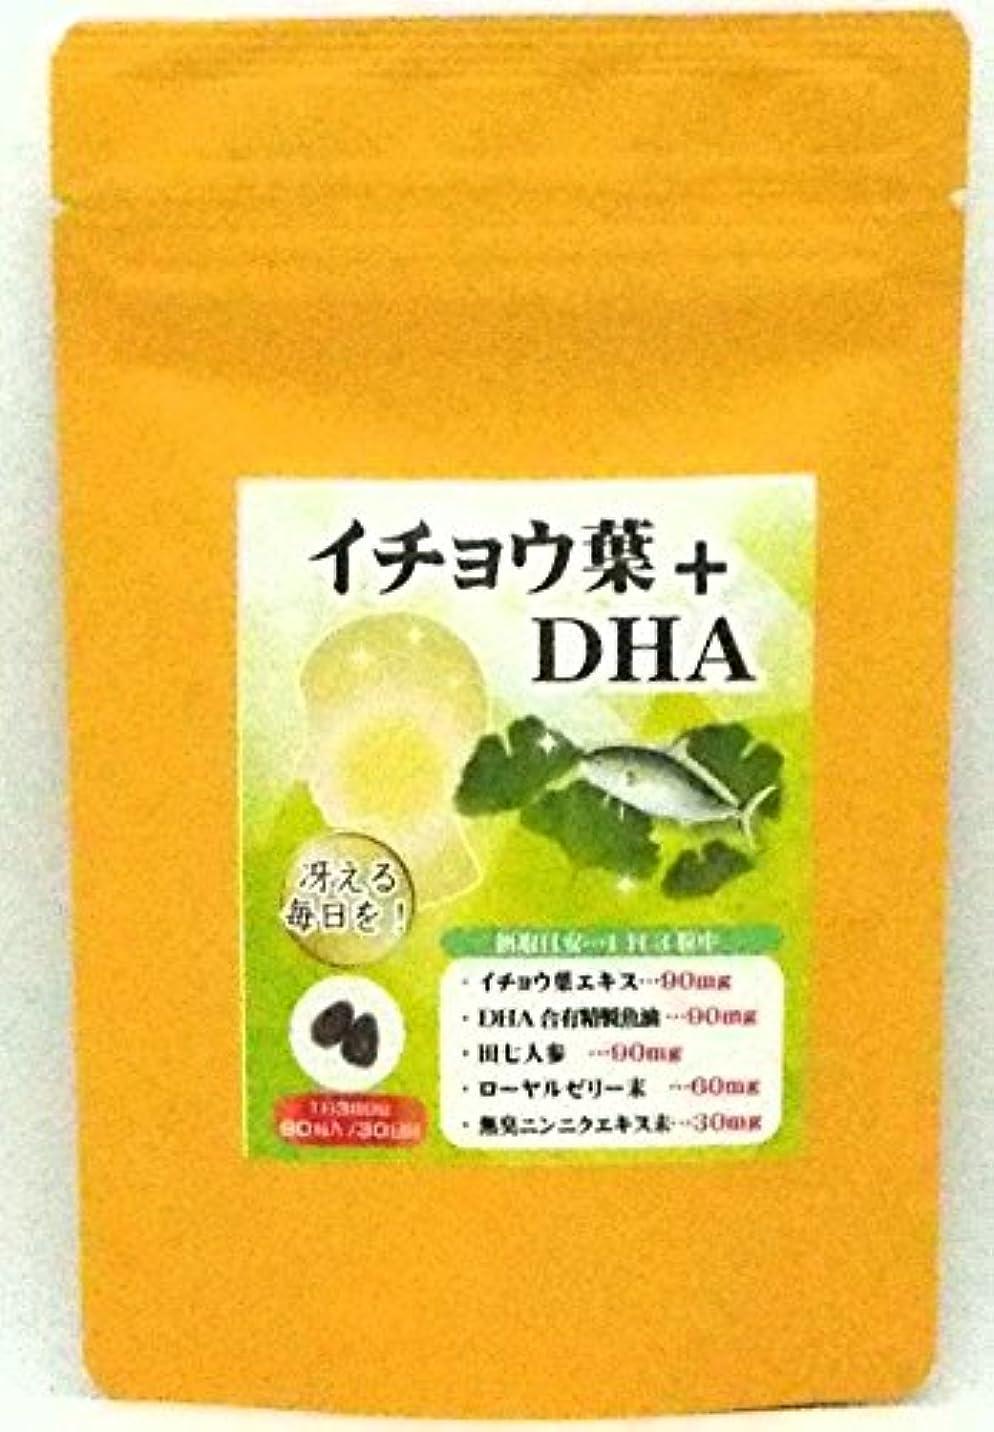 スチール押し下げる幅イチョウ葉+DHA サプリメント 90粒入 3粒にイチョウ葉エキス90mg、DHA合有精製魚油90mg、田七人参90mg、ローヤルゼリー末60mg配合